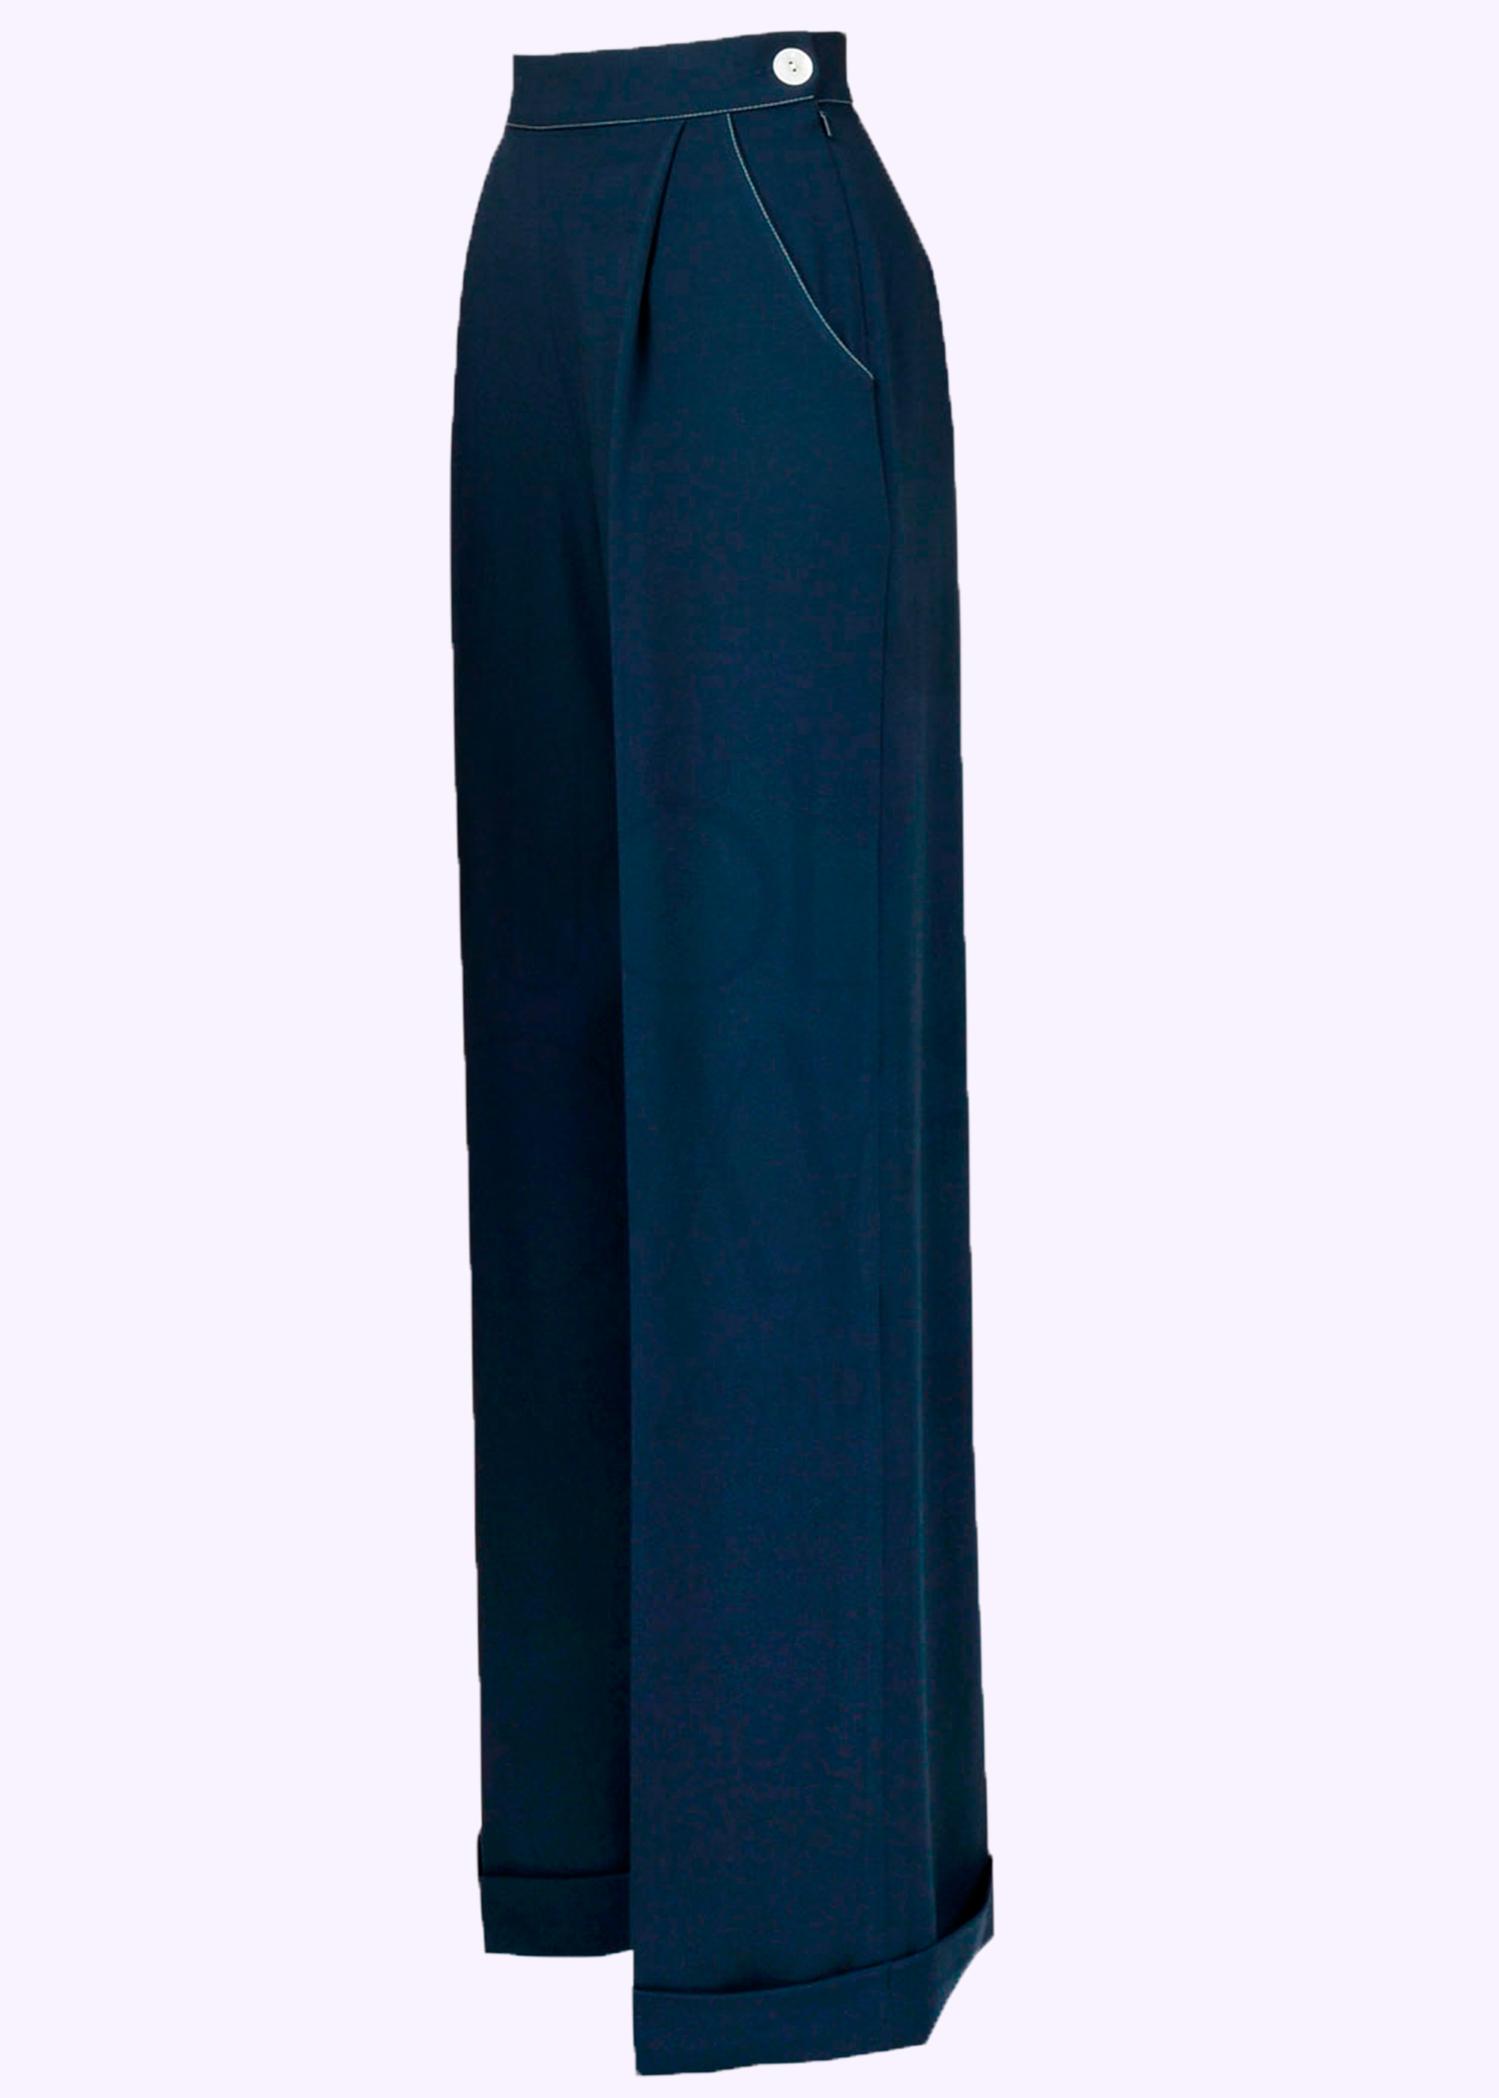 1940'er stils bukser med brede ben i navy blå fra The House Of Foxy